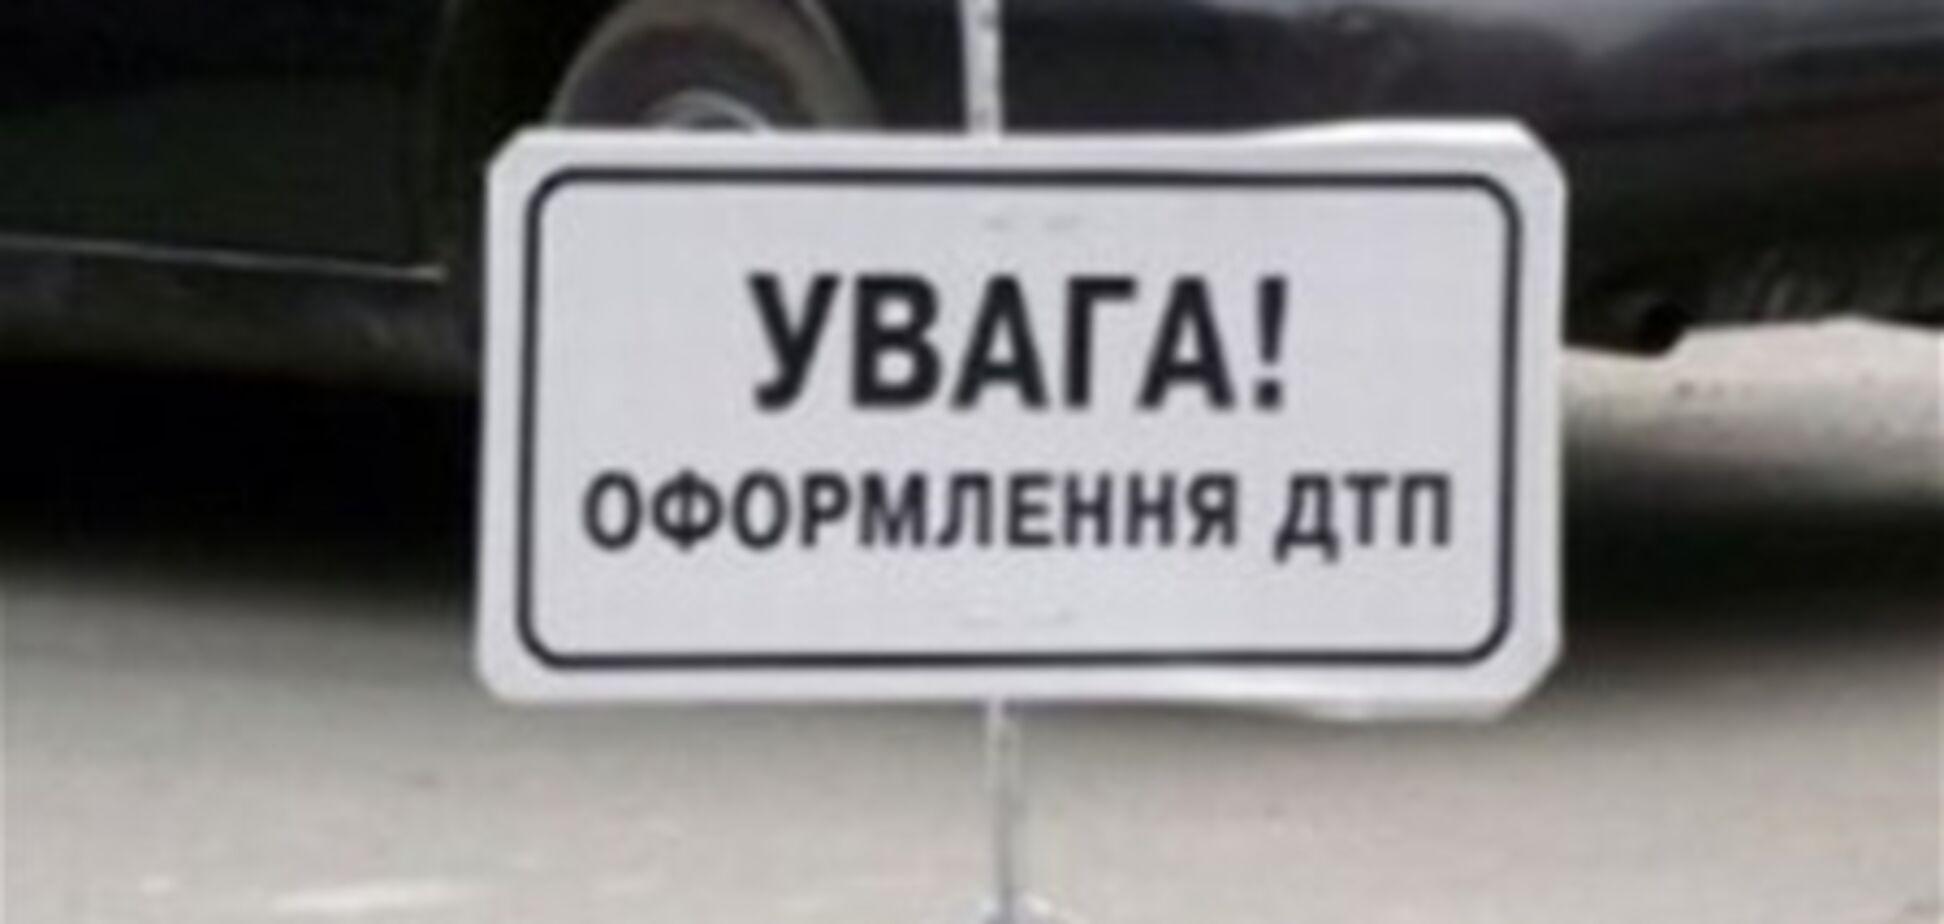 На Киевщине столкнулись грузовики: погибли два украинца, травмированы четверо молдаван